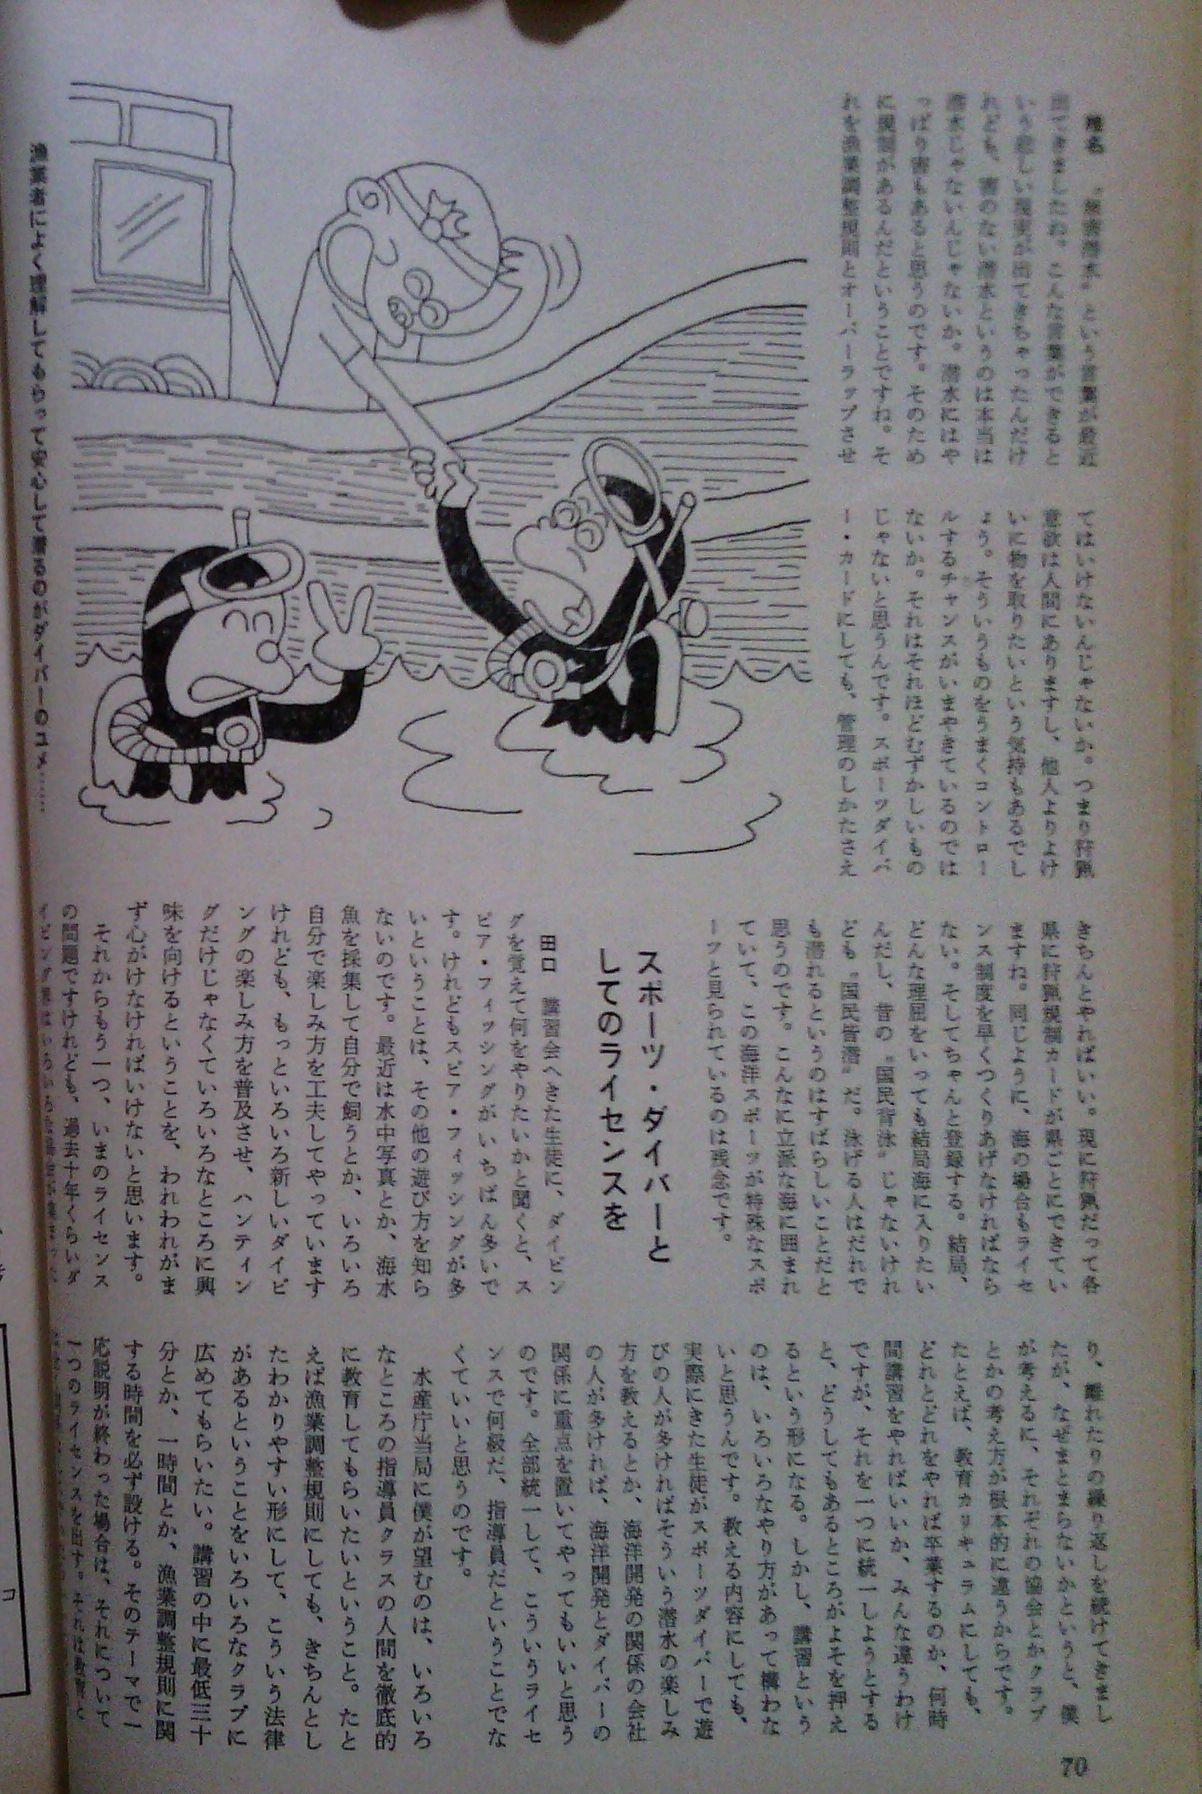 0329  ダイビングの歴史61 海の世界1973-1_b0075059_15043805.jpg